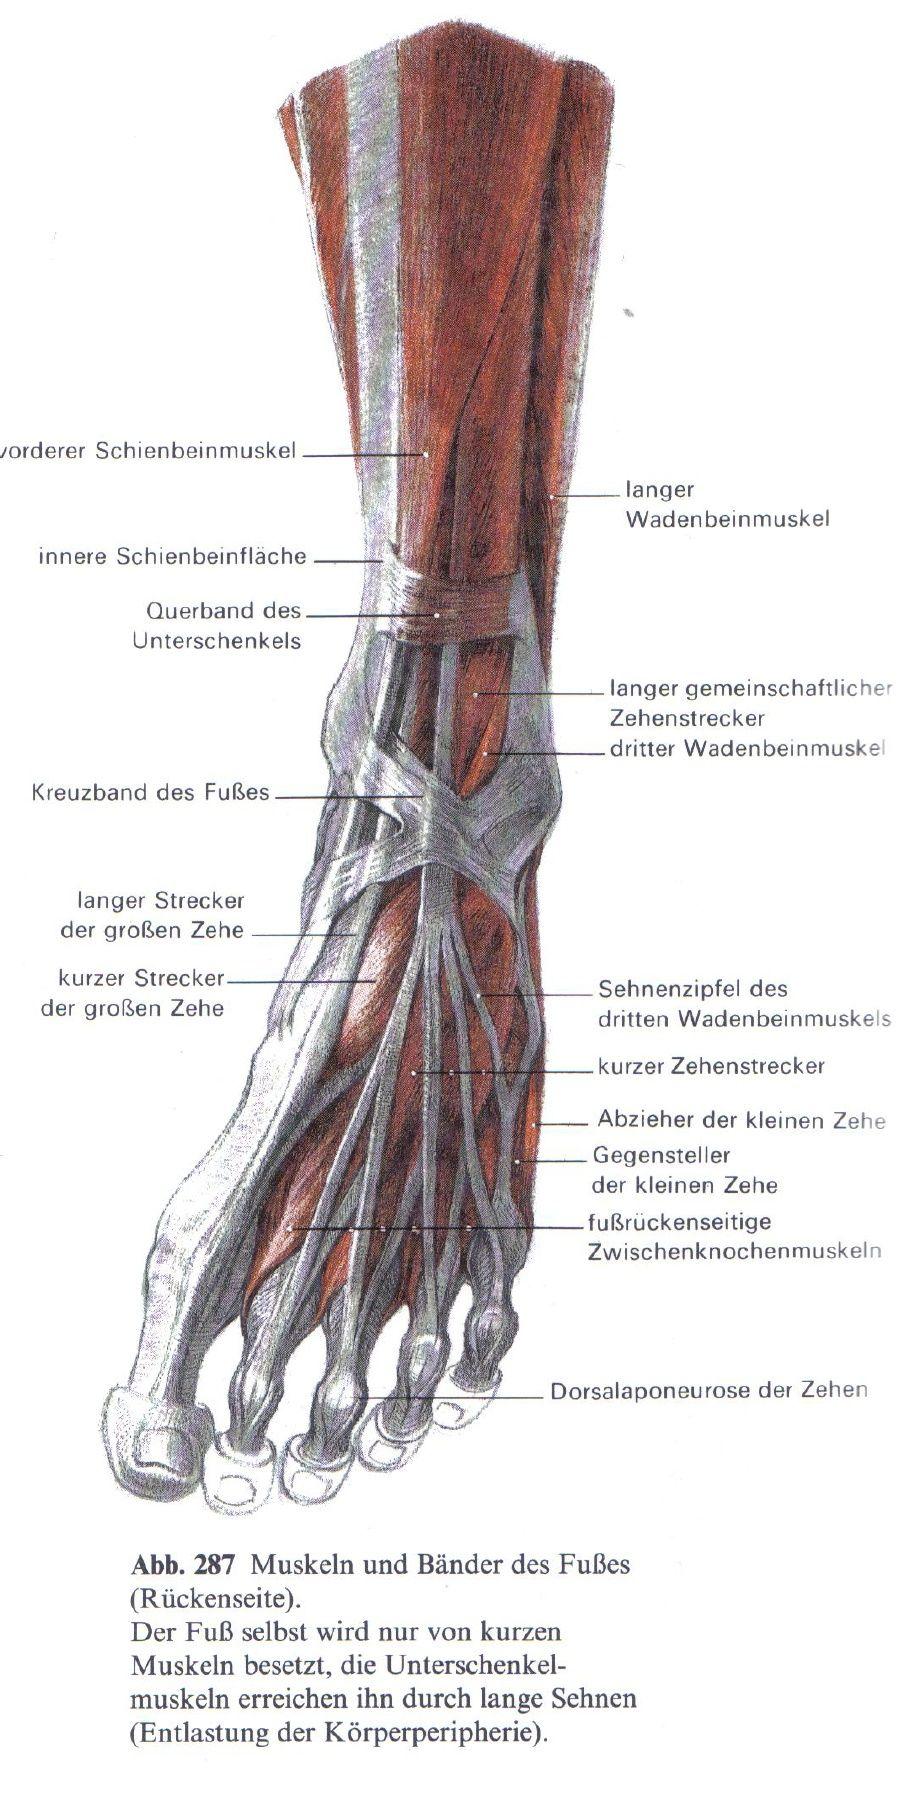 Schön Bänder Des Fußes Bilder - Menschliche Anatomie Bilder ...